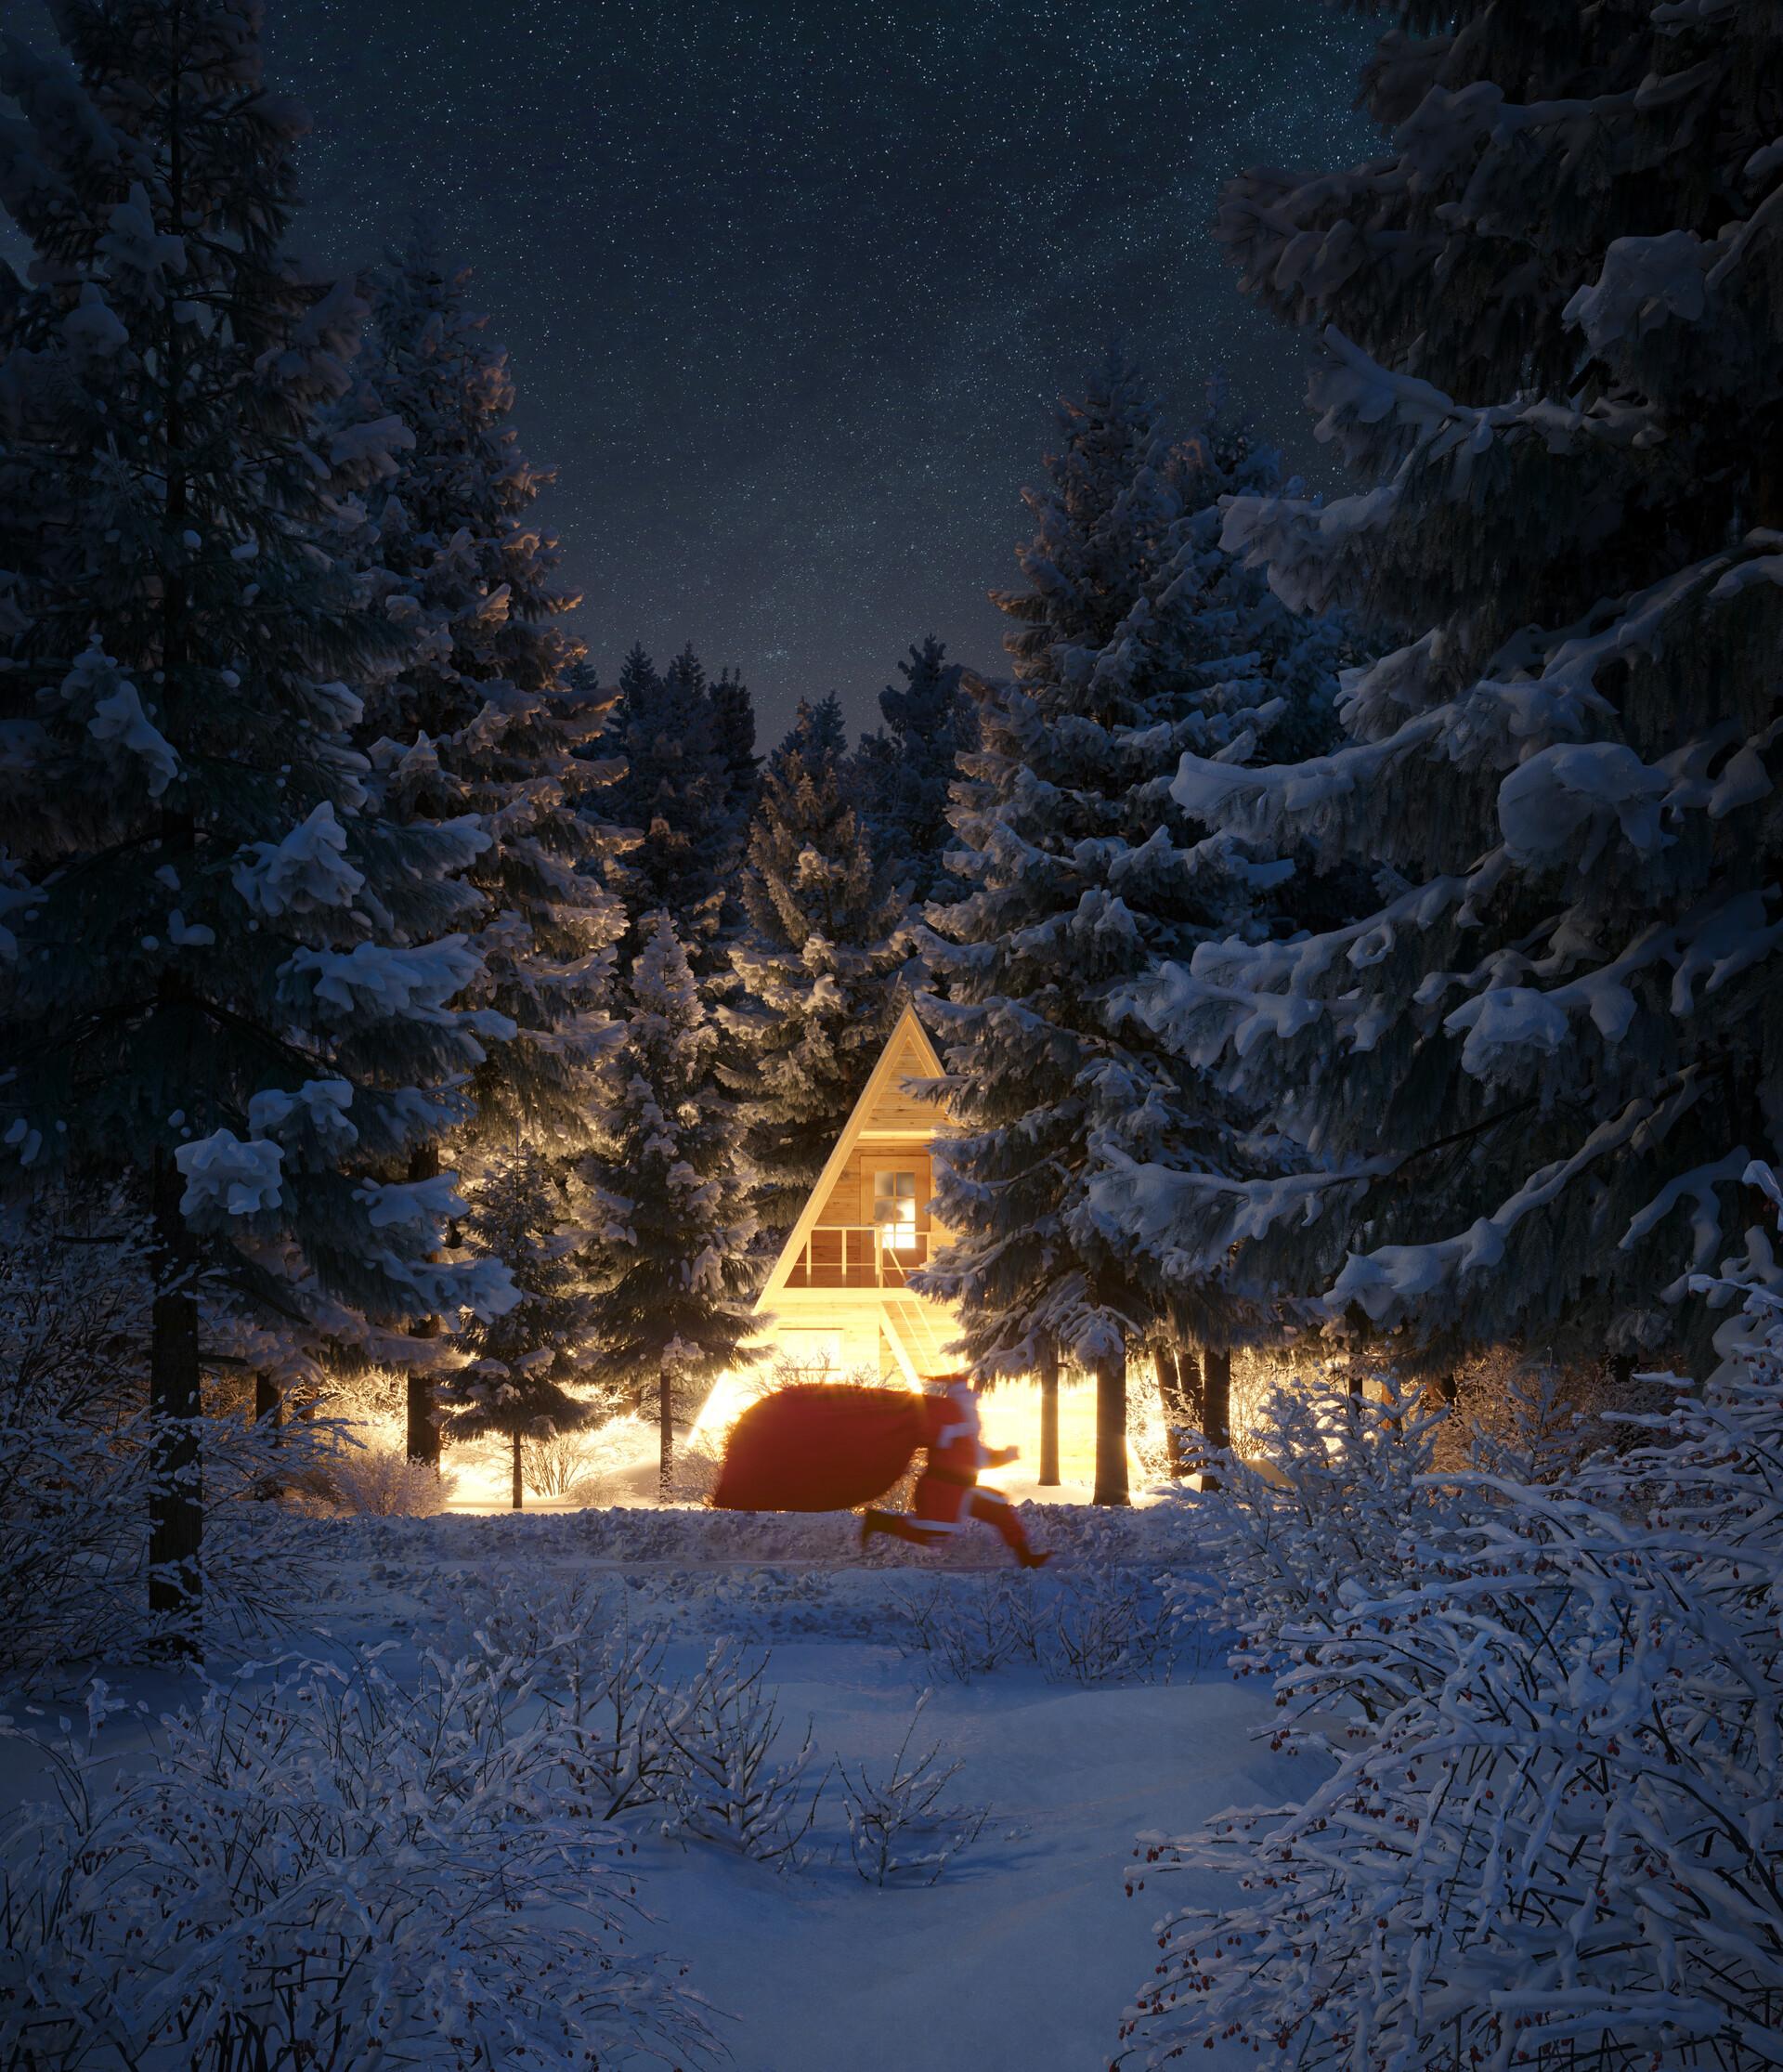 85617 скачать обои Санта Клаус, Праздники, Снег, Лес, Рождество, Новый Год, Дом - заставки и картинки бесплатно